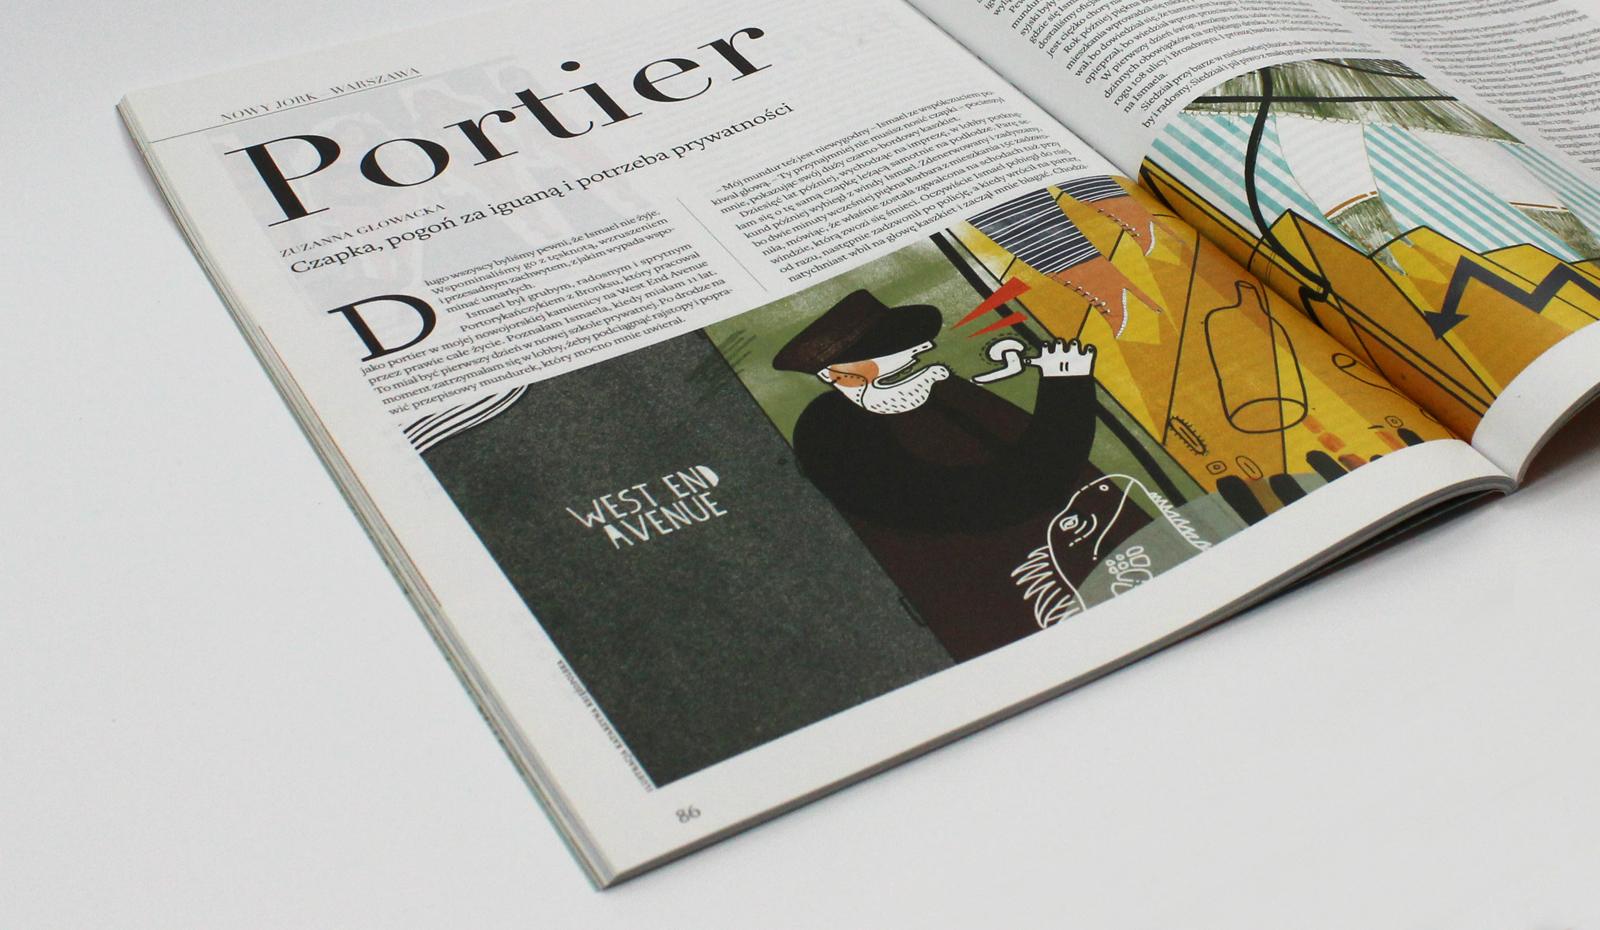 portier_ilustracja